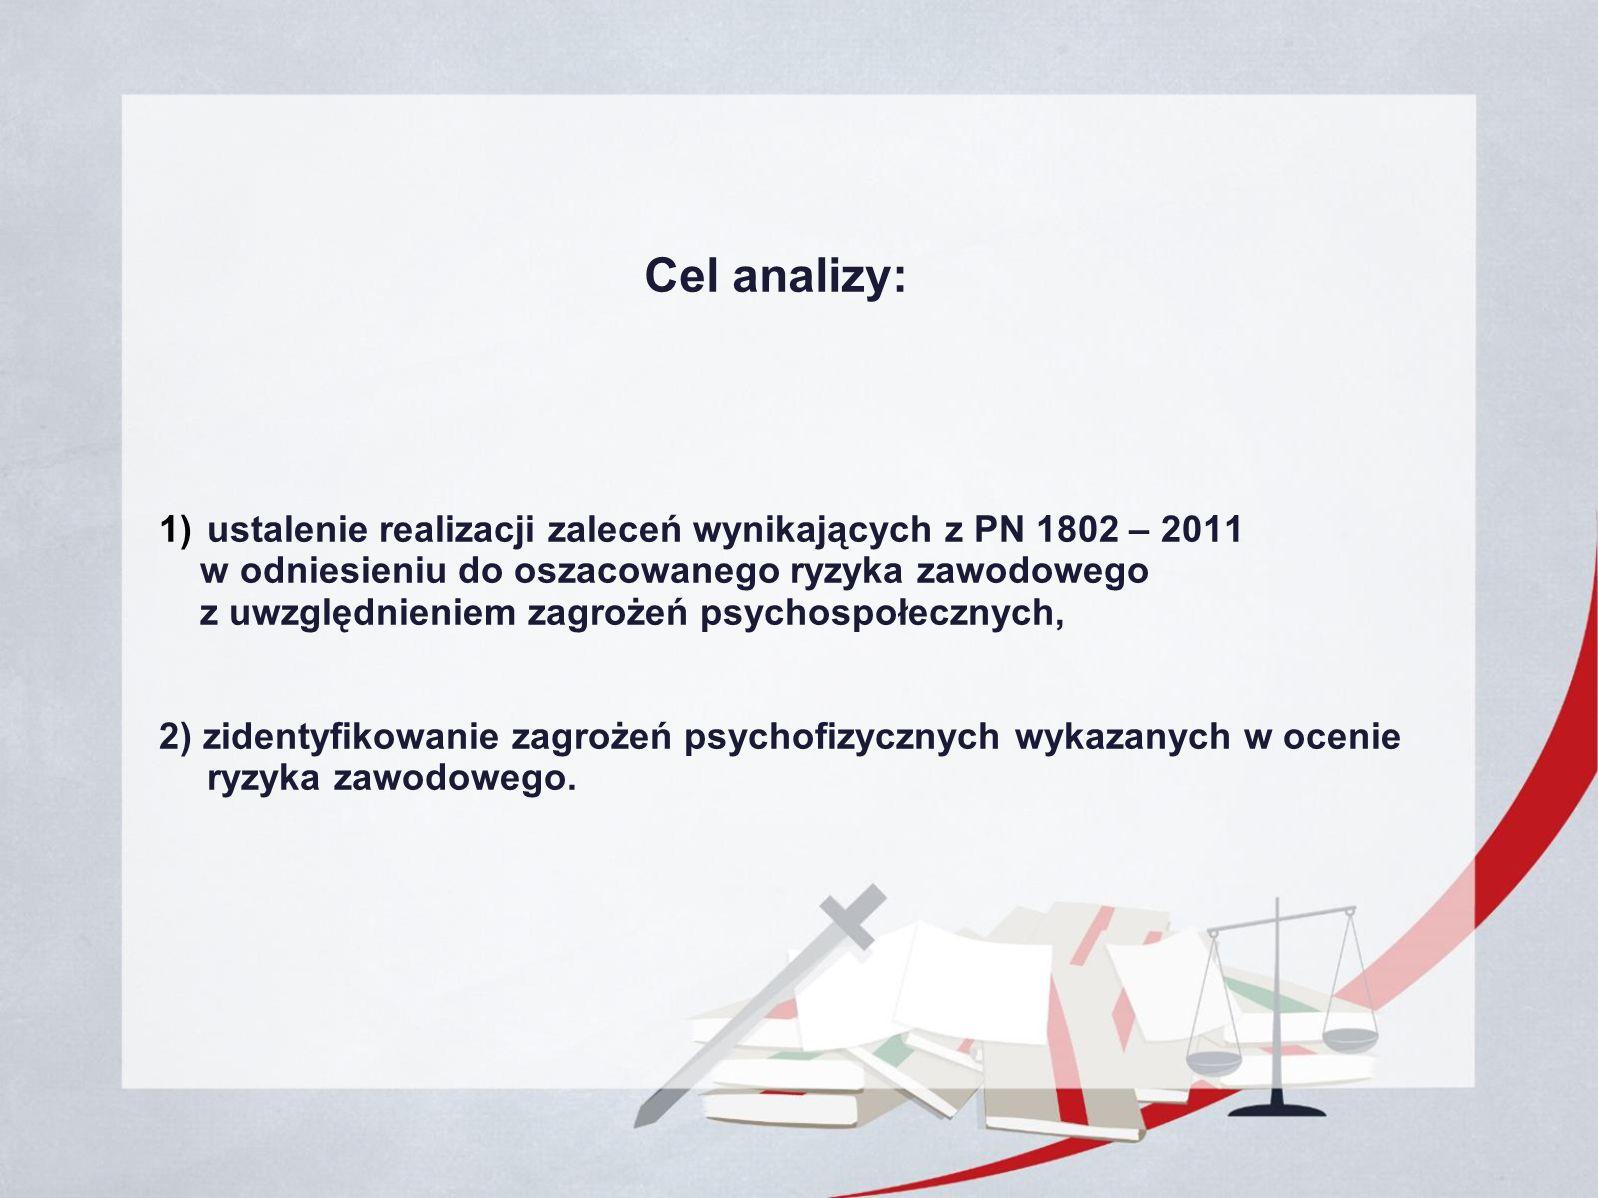 Cel analizy: 1) ustalenie realizacji zaleceń wynikających z PN 1802 – 2011 w odniesieniu do oszacowanego ryzyka zawodowego z uwzględnieniem zagrożeń psychospołecznych, 2) zidentyfikowanie zagrożeń psychofizycznych wykazanych w ocenie ryzyka zawodowego.